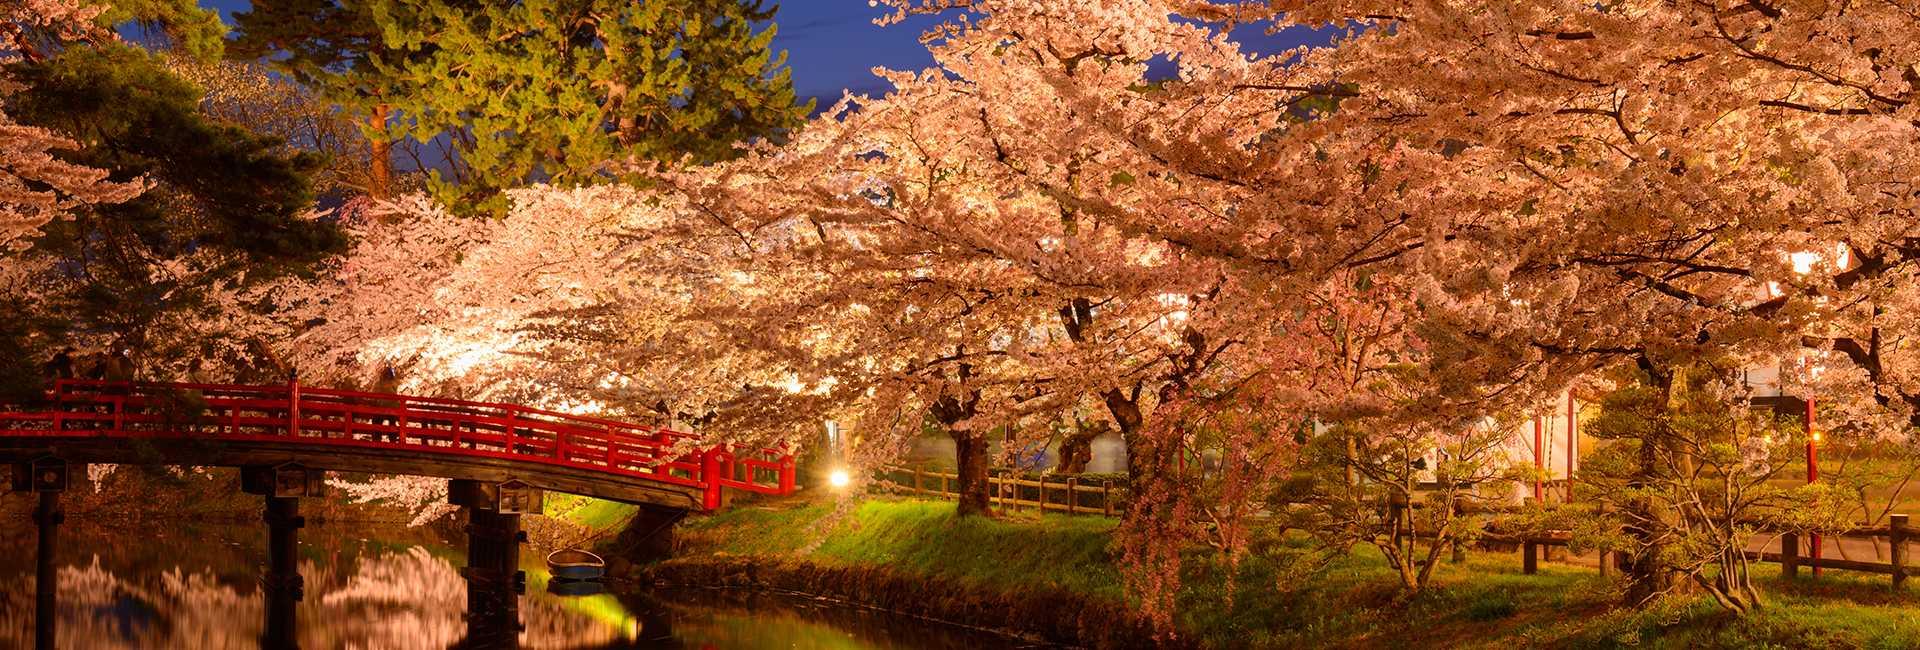 Hirosaki la nuit et cerisiers en fleurs